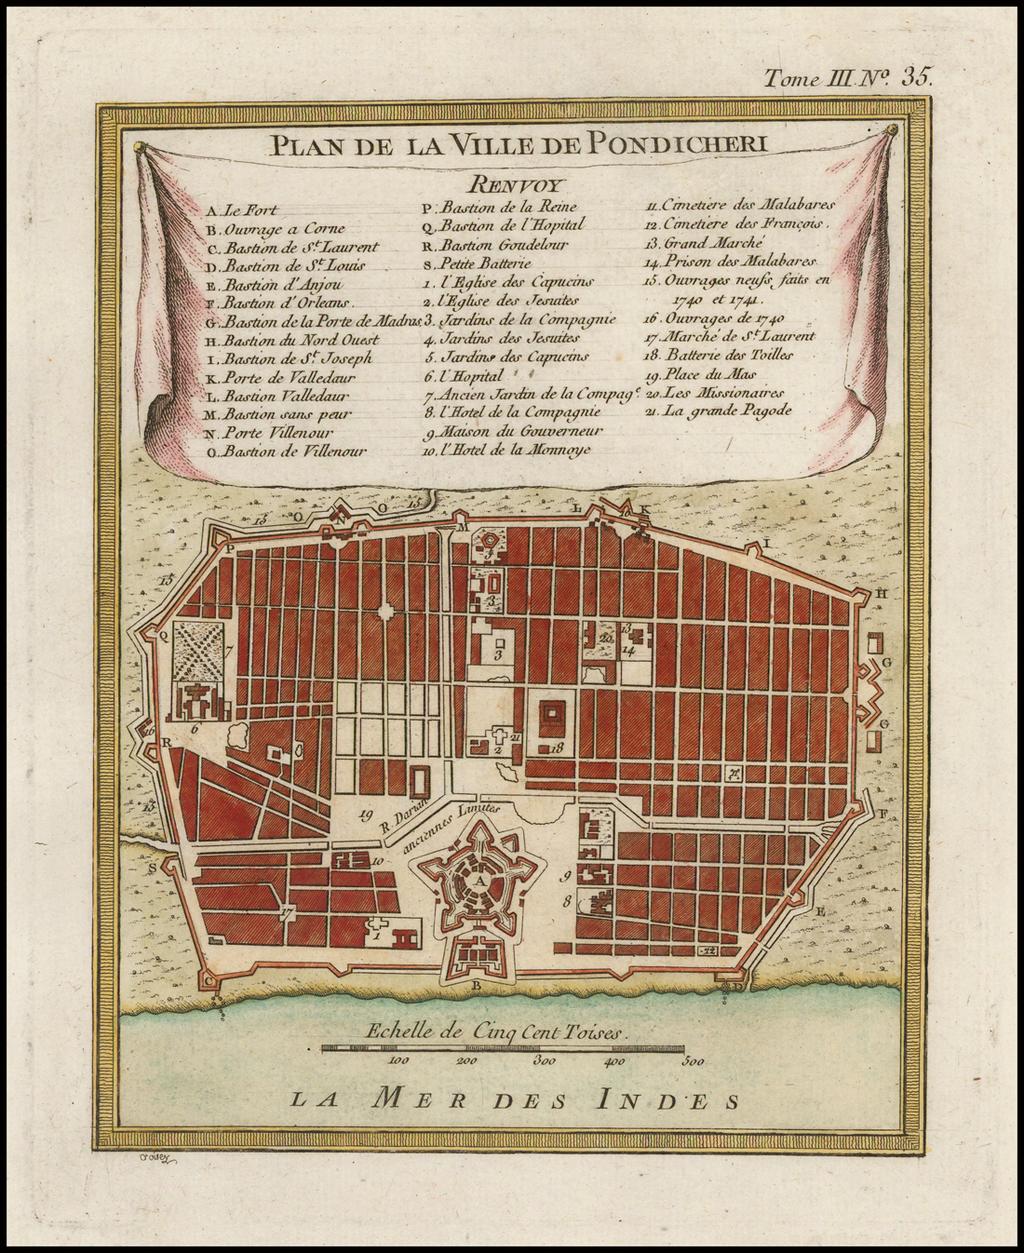 Plan De La Ville De Pondicheri By Jacques Nicolas Bellin